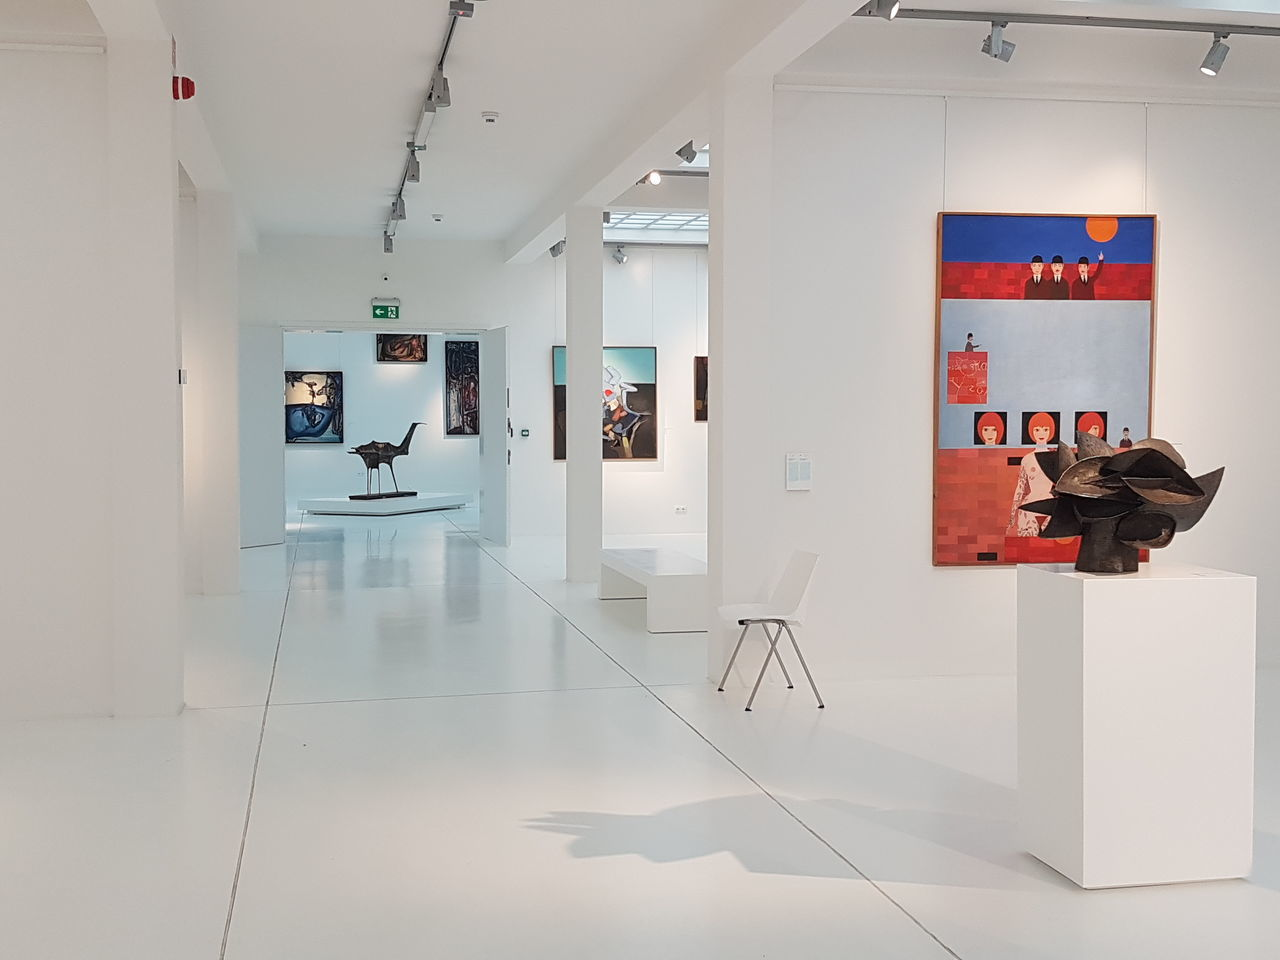 Museum Of Modern Art Museum Of Art Art Gallery Art Installation Inhibition First Eyeem Photo